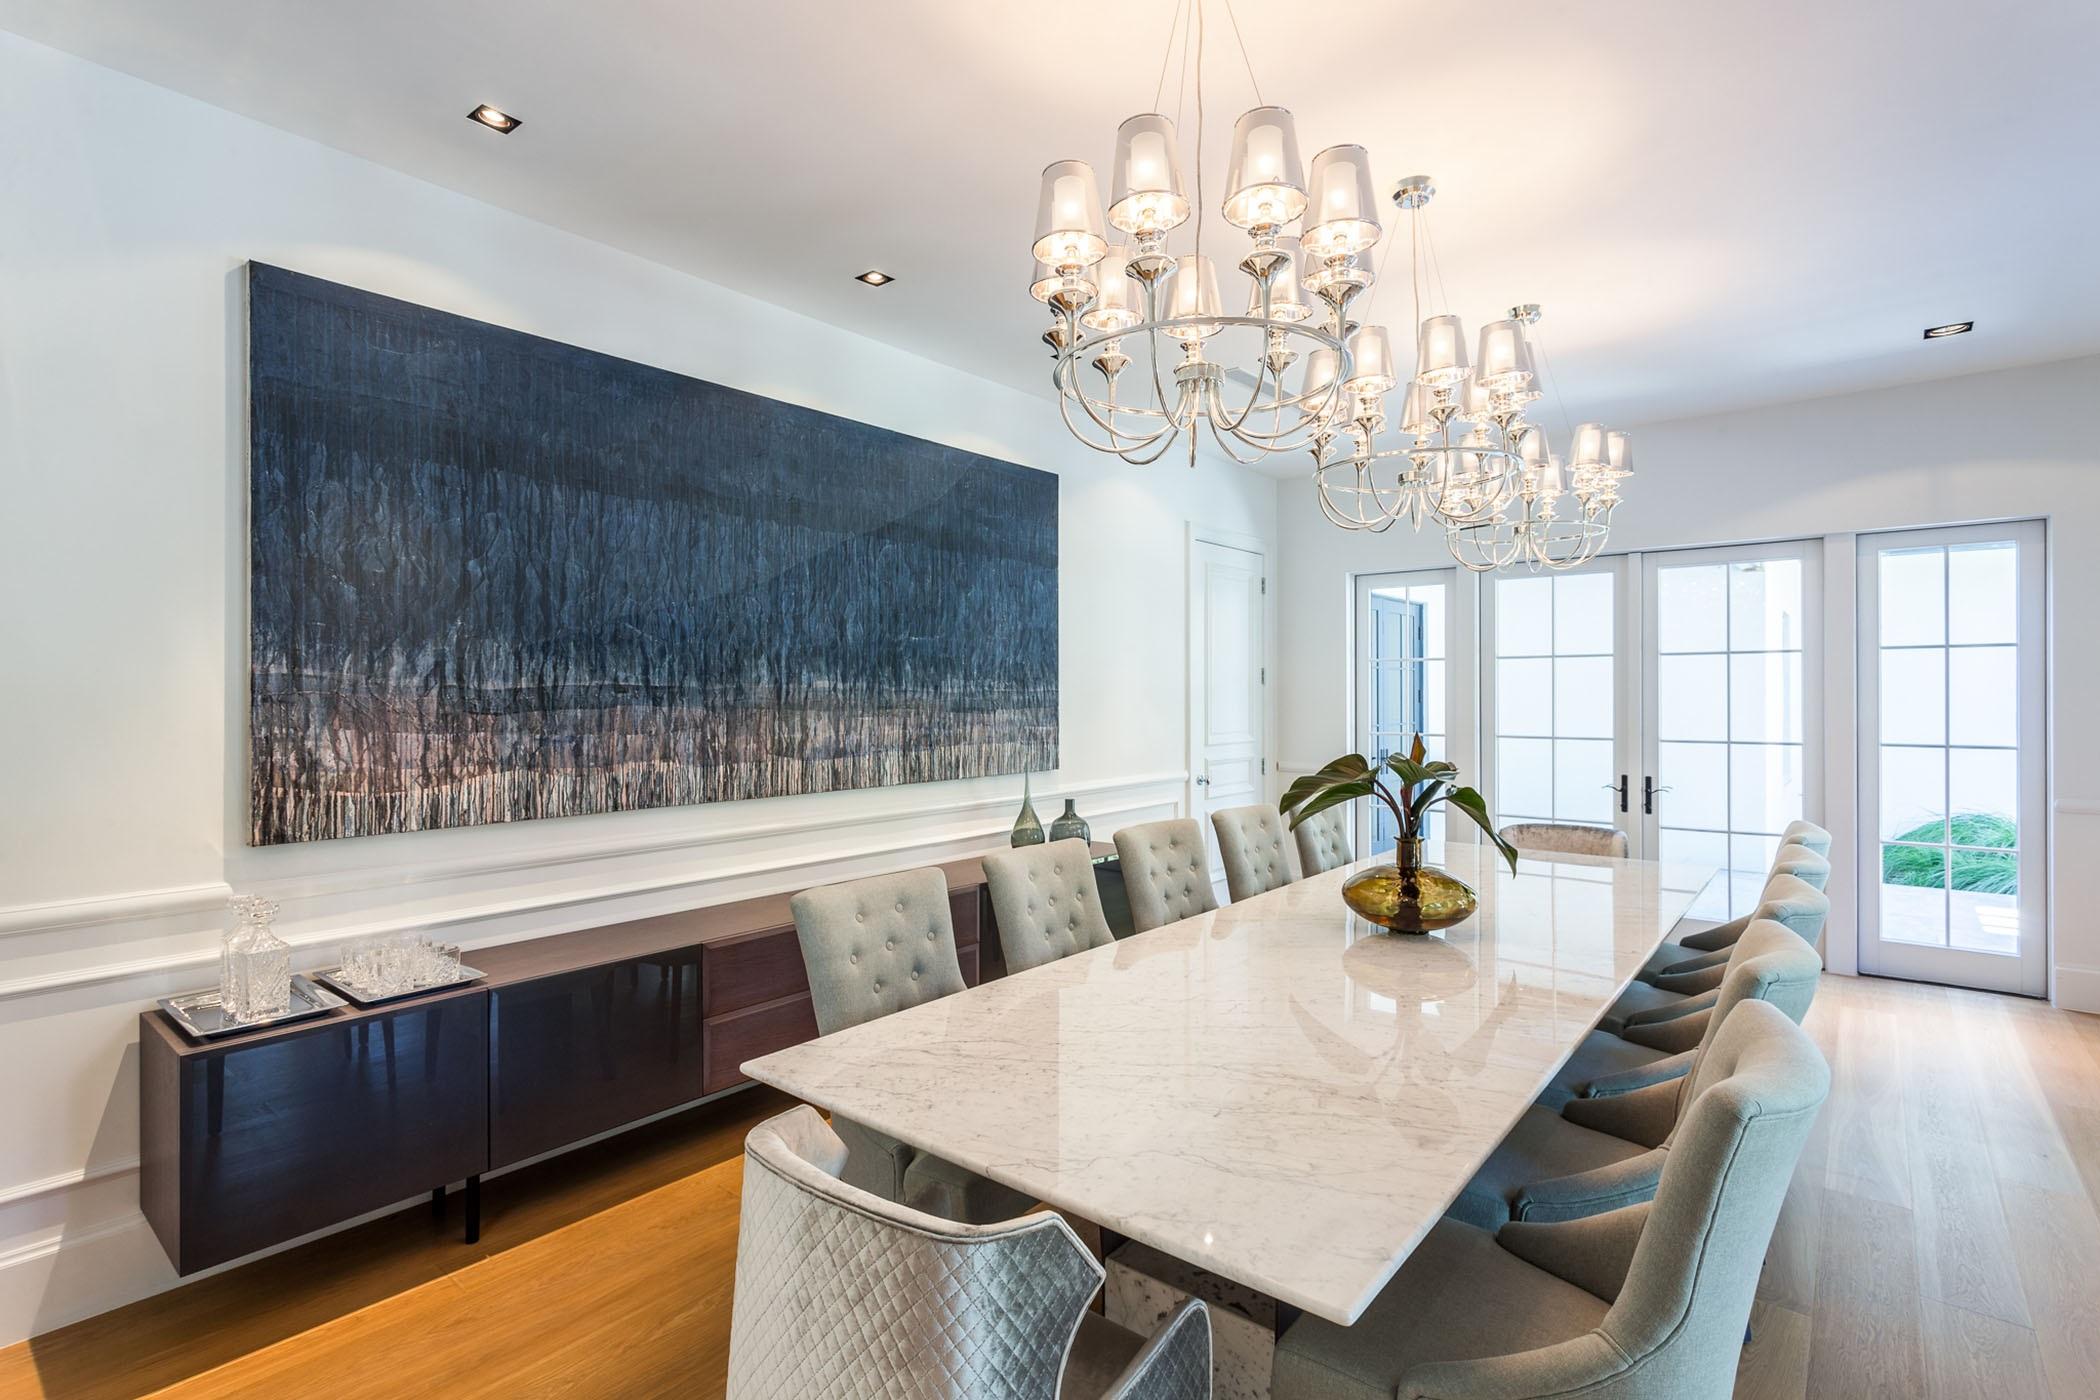 Una mesa espectacular para recibir invitados